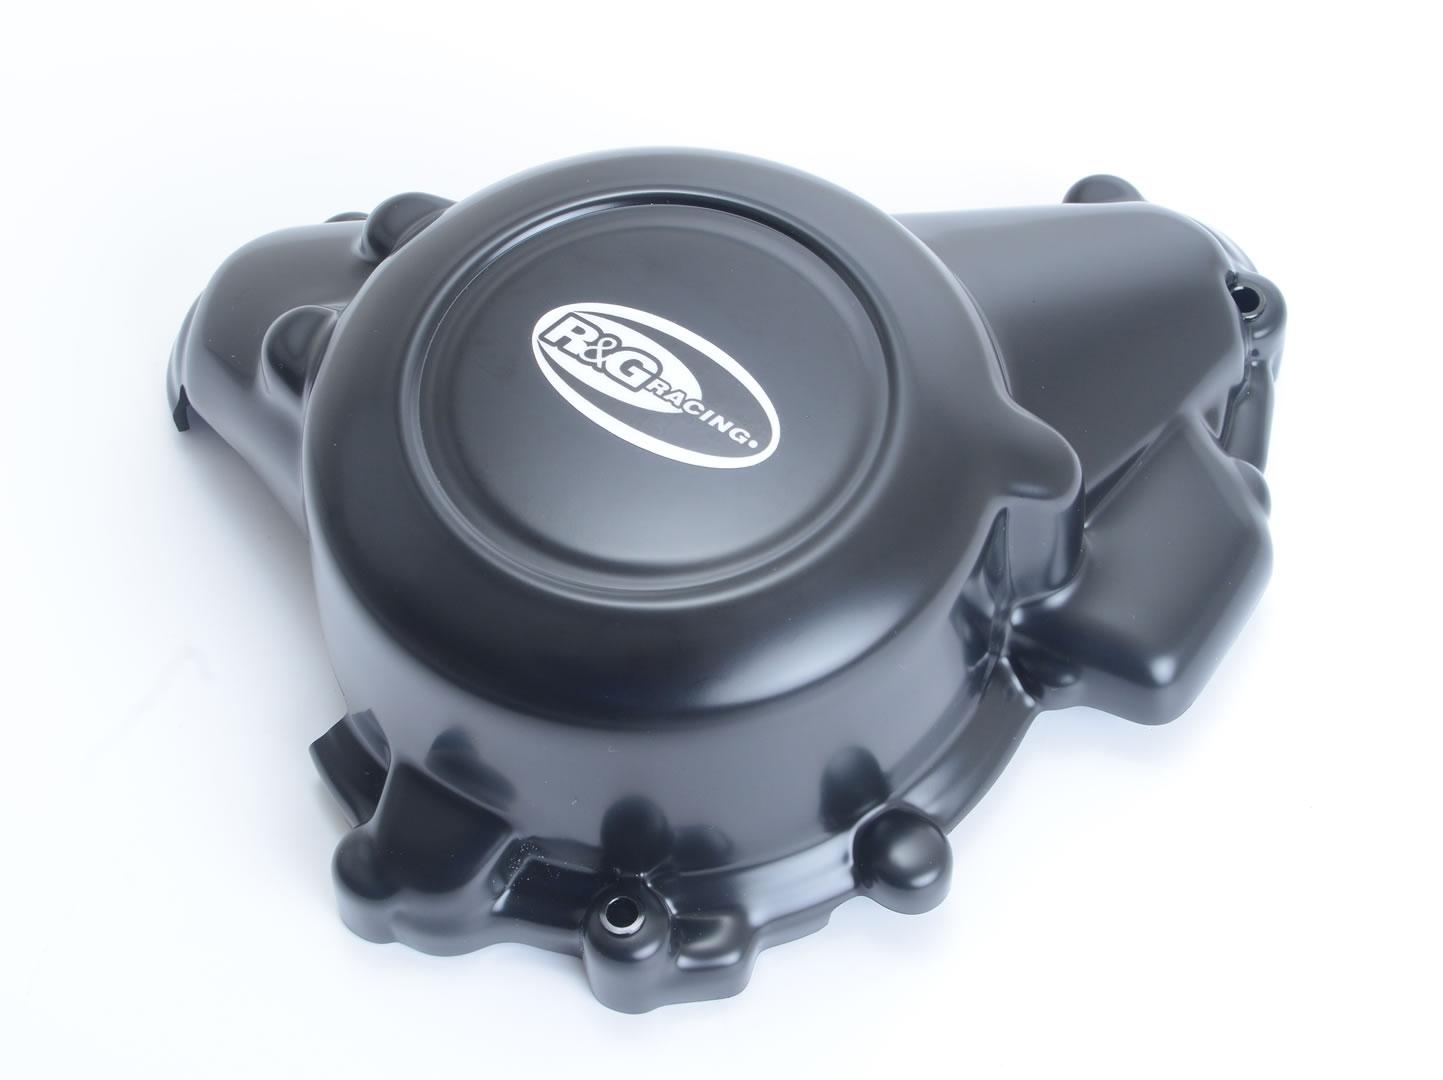 Couvre carter droit R&G Racing noir KTM 125 Duke 17-18